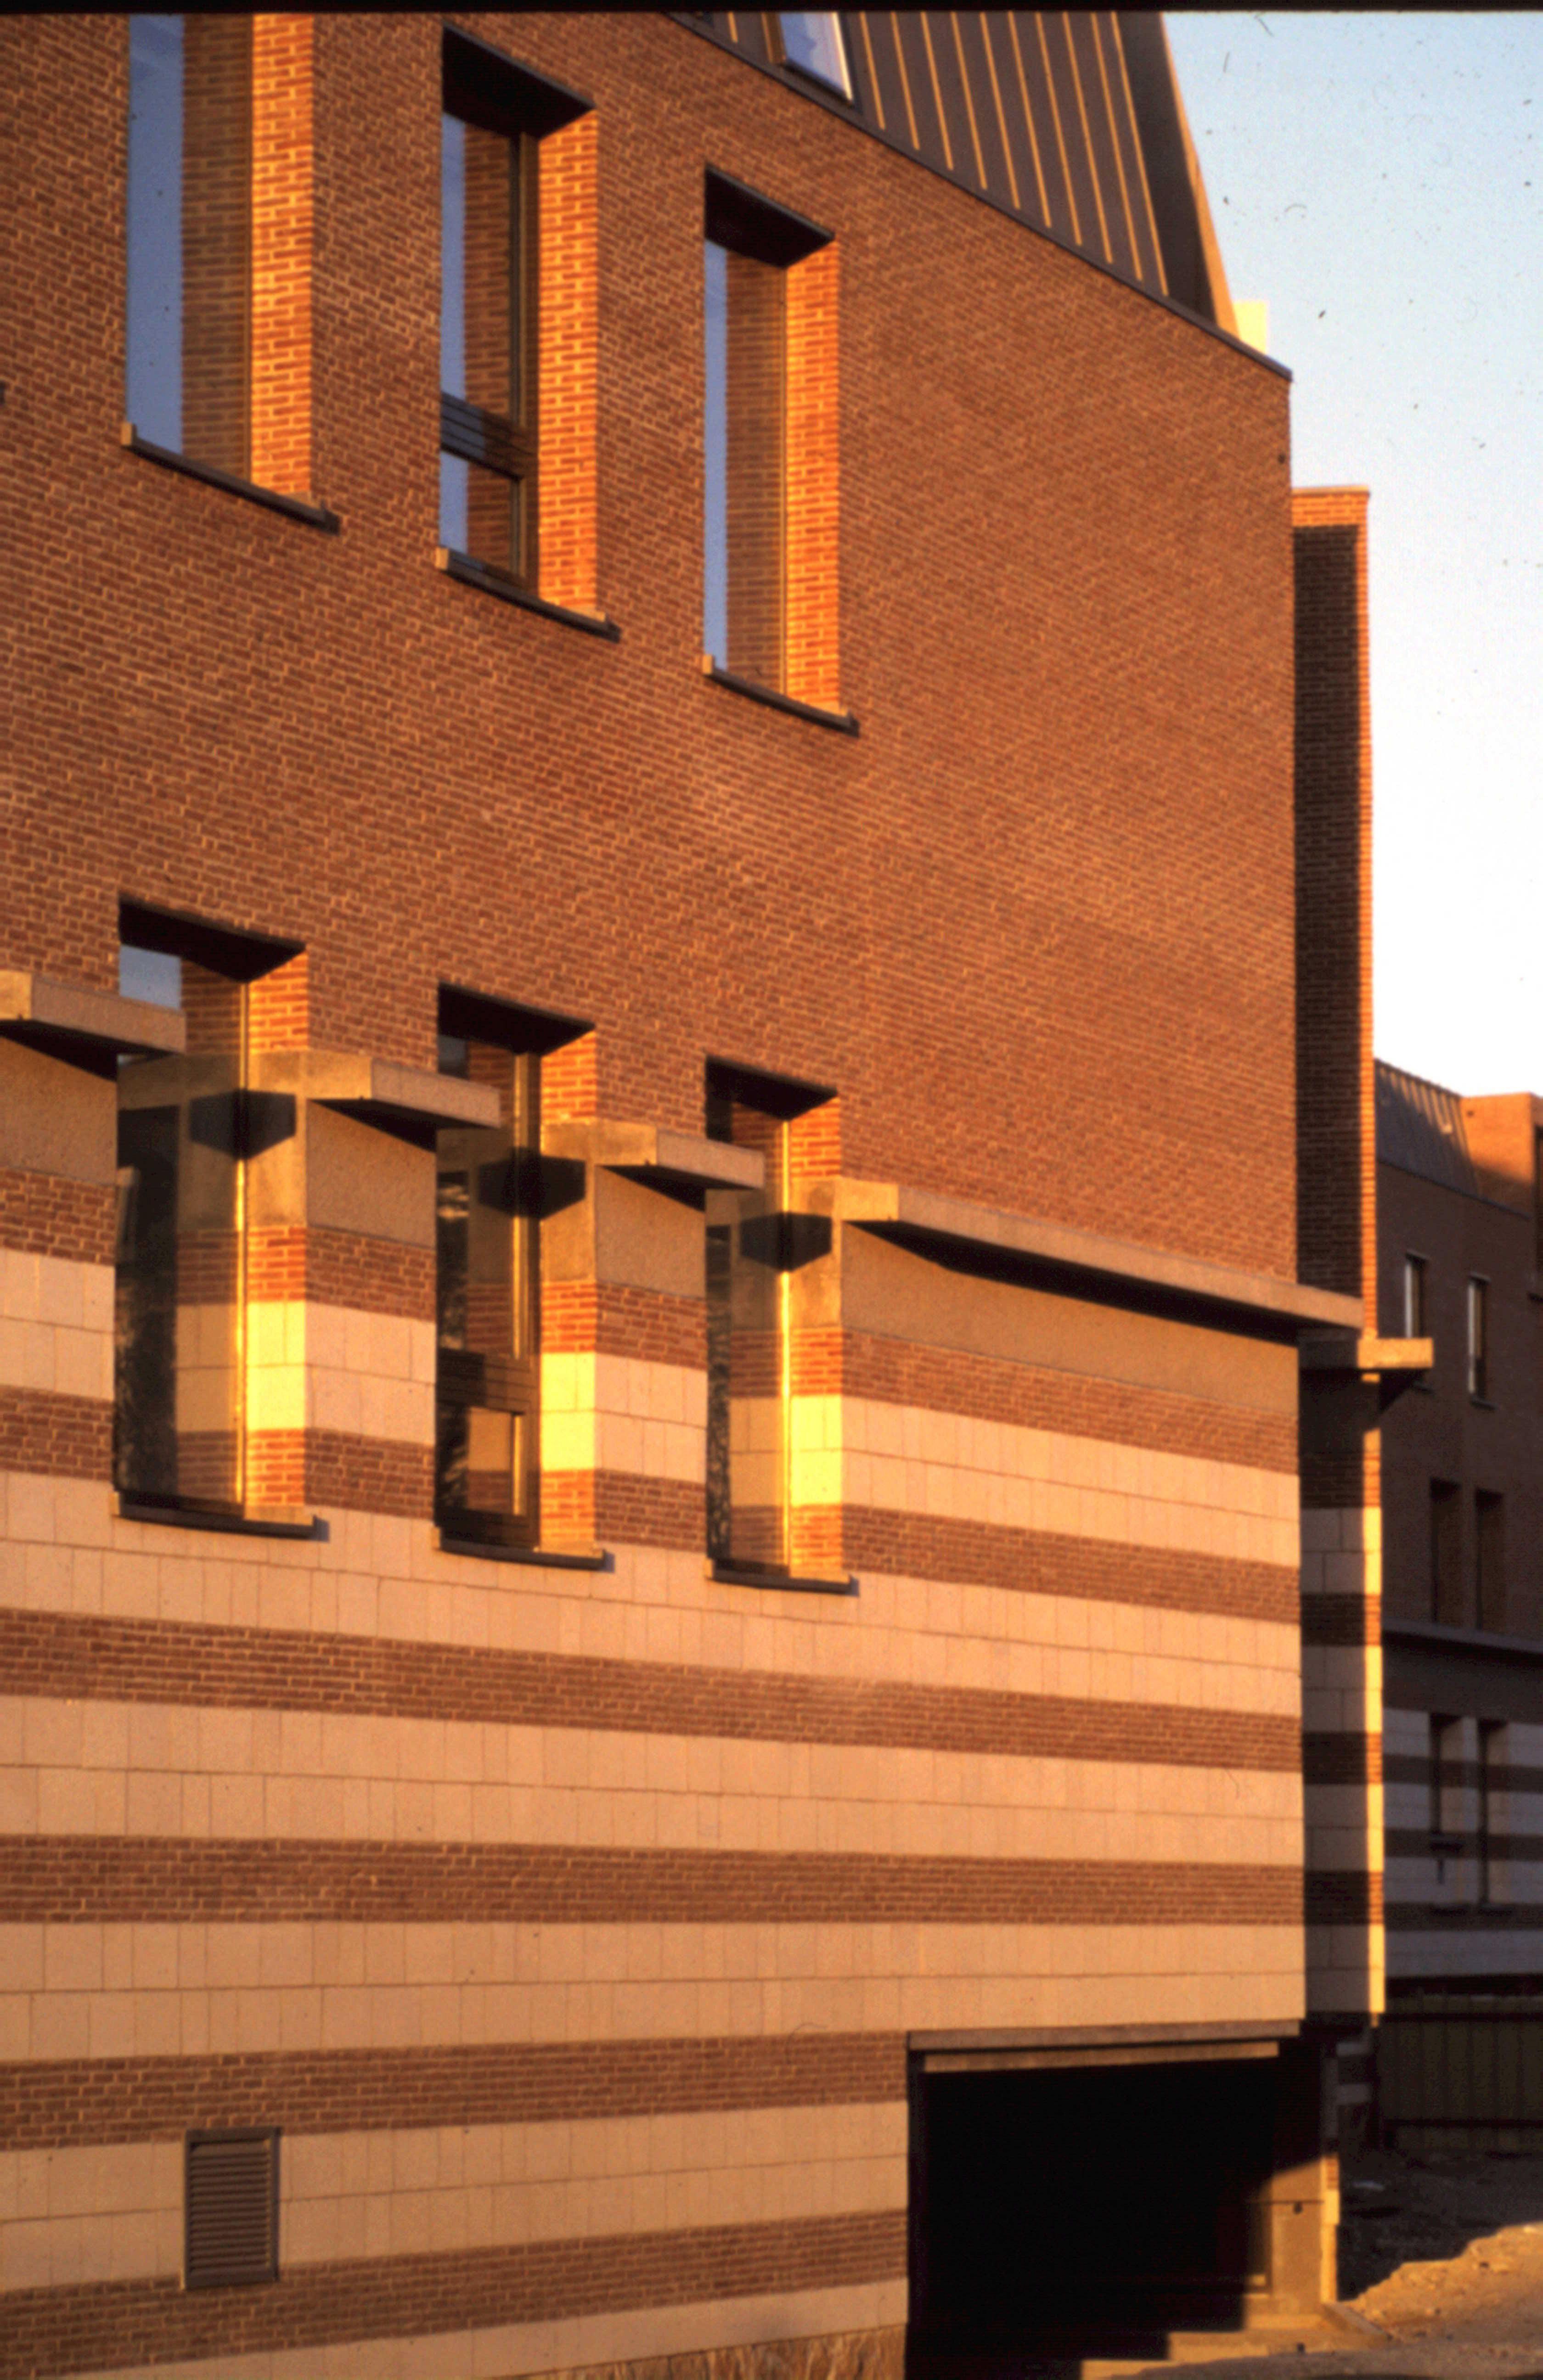 Biblioteca universitaria di Amien -1993-97